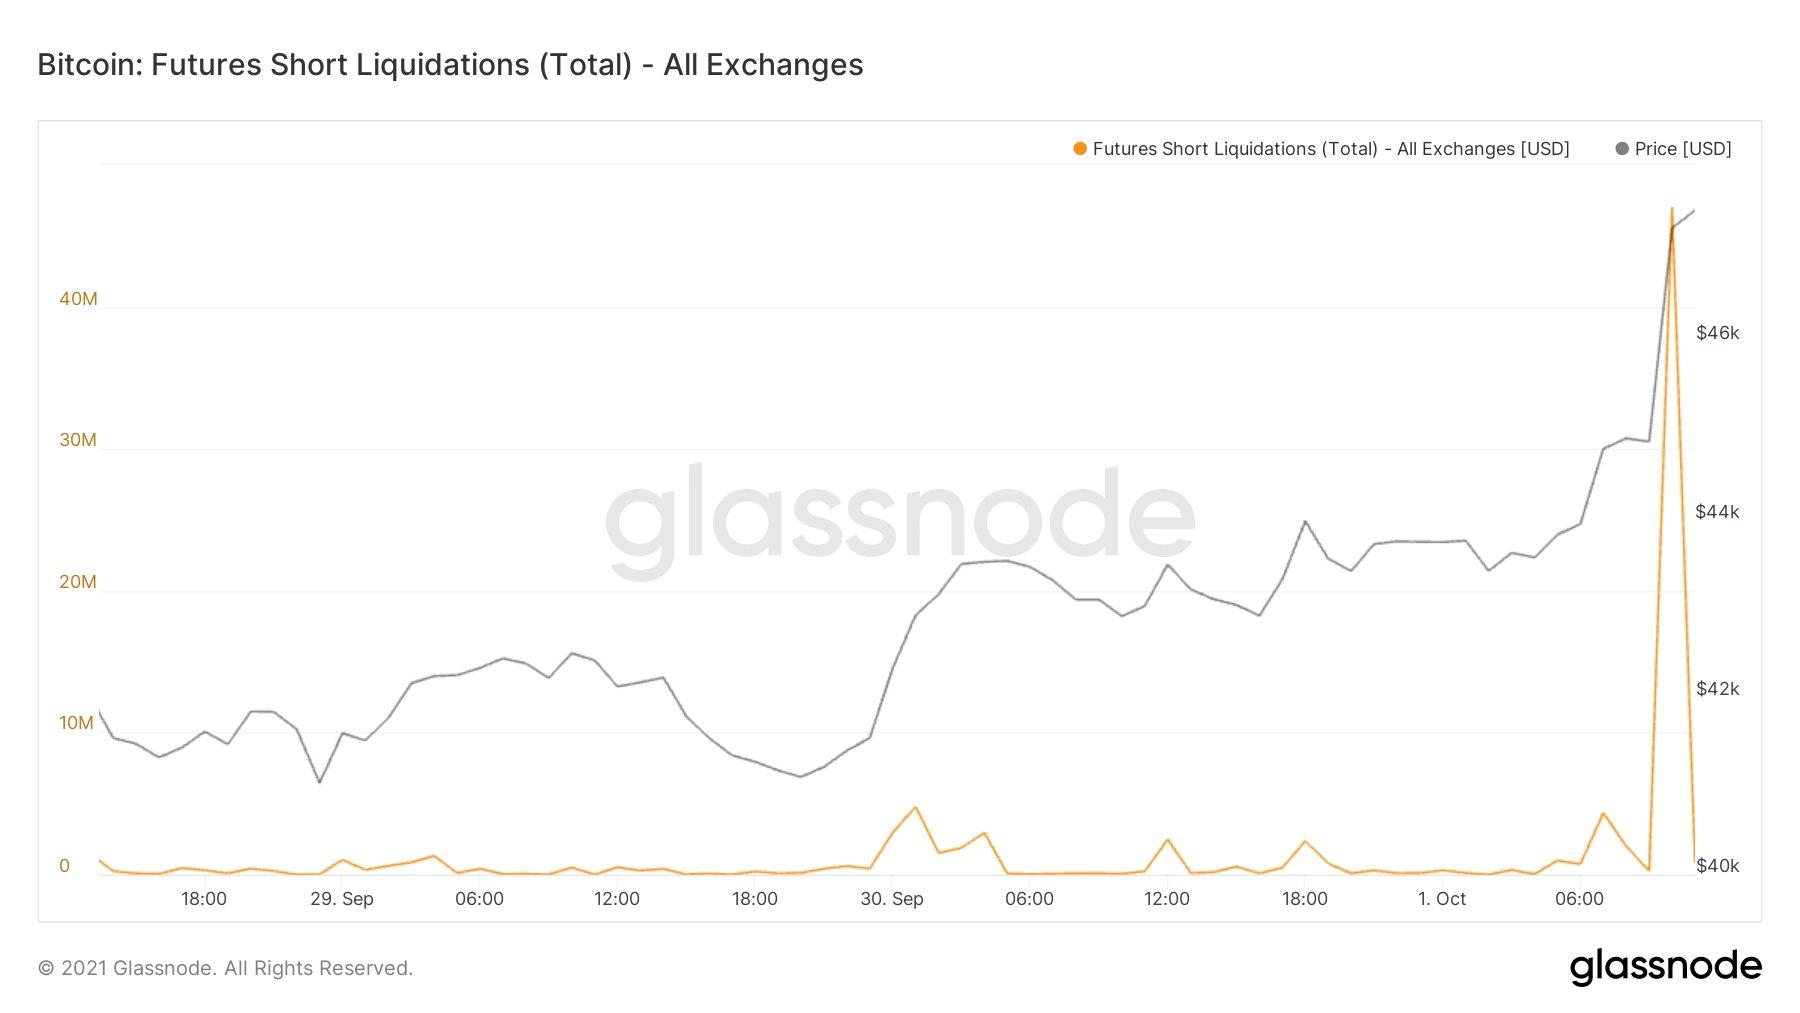 Bitcoin Futures Short Liquidations